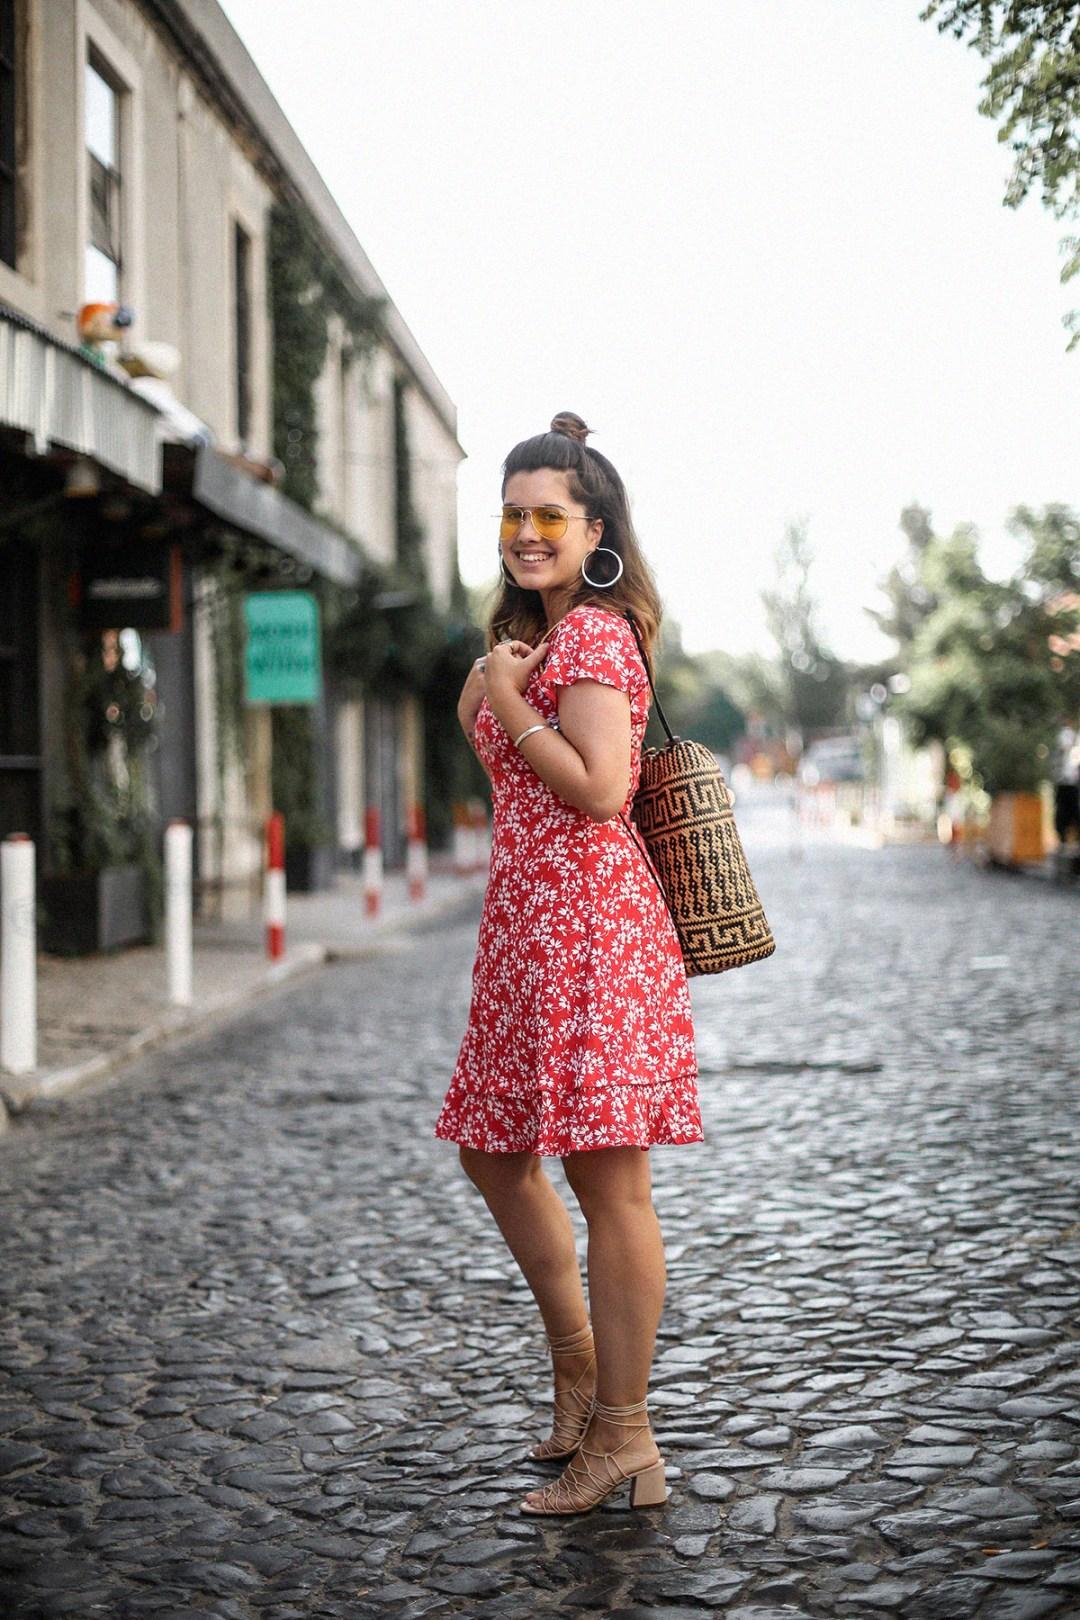 vestido-rojo-volantes-sandalias-lazos-mochila-ratan-travel-lx-factory-lisbon12